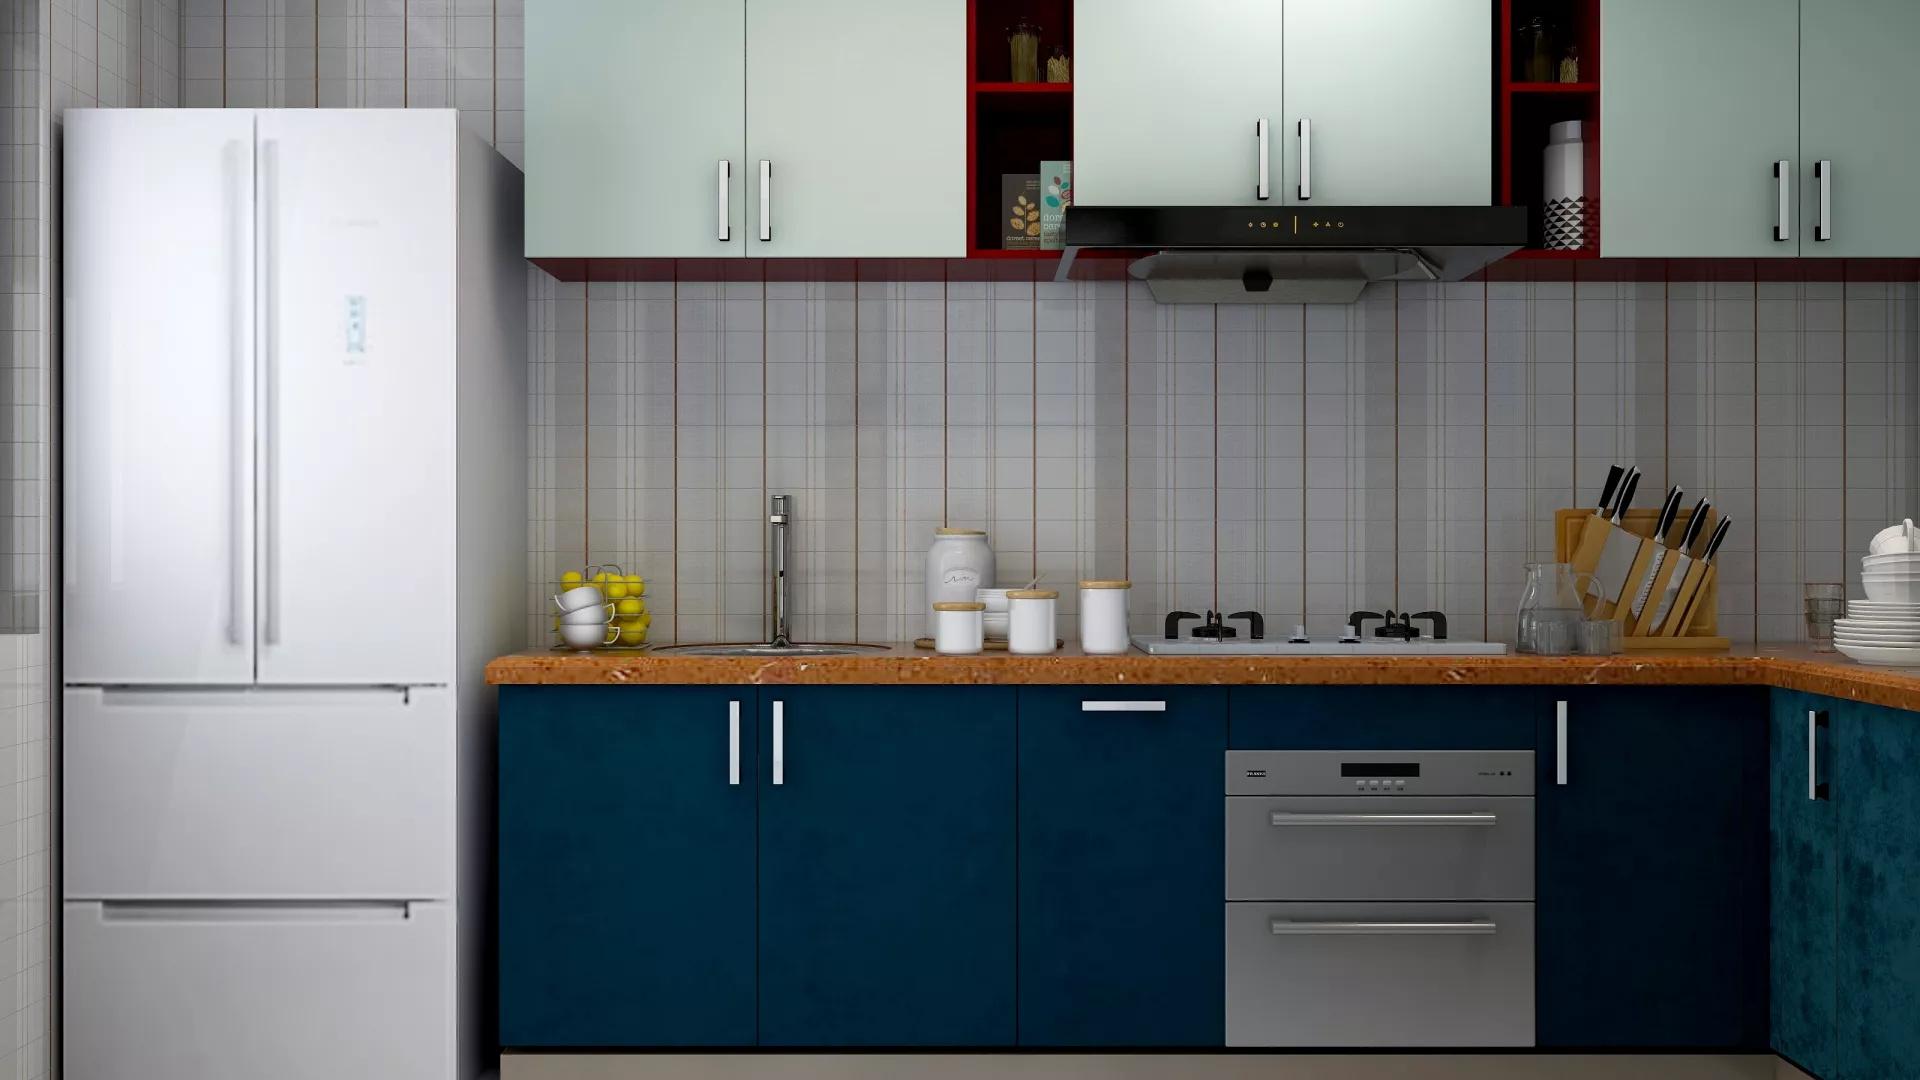 家居隔热瓷砖特点是什么?家装隔热瓷砖优缺点有哪些?